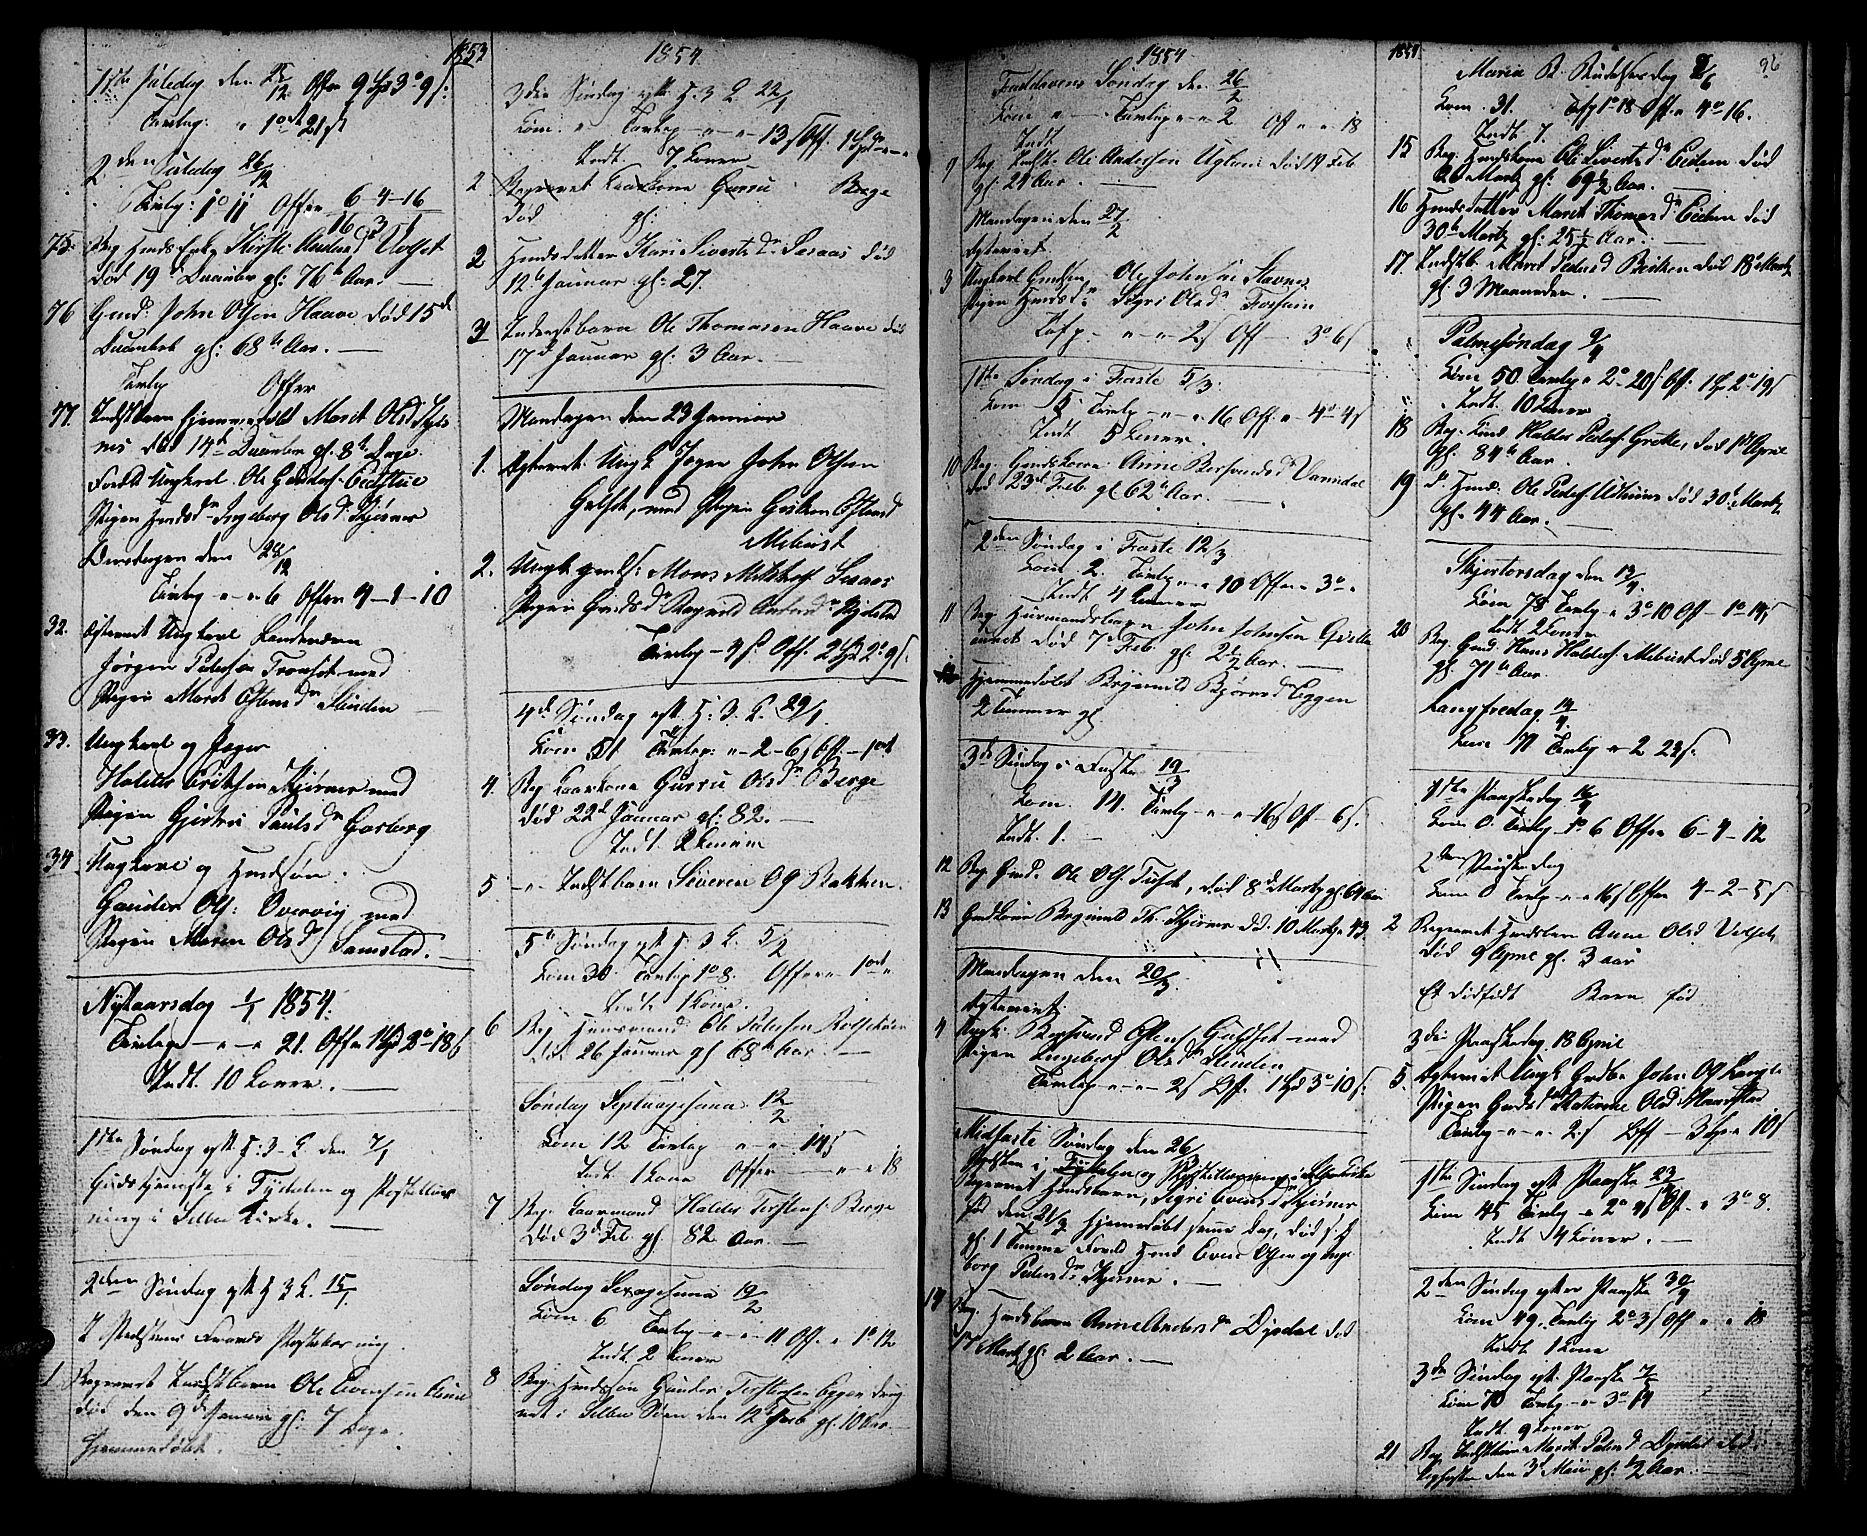 SAT, Ministerialprotokoller, klokkerbøker og fødselsregistre - Sør-Trøndelag, 695/L1154: Klokkerbok nr. 695C05, 1842-1858, s. 96